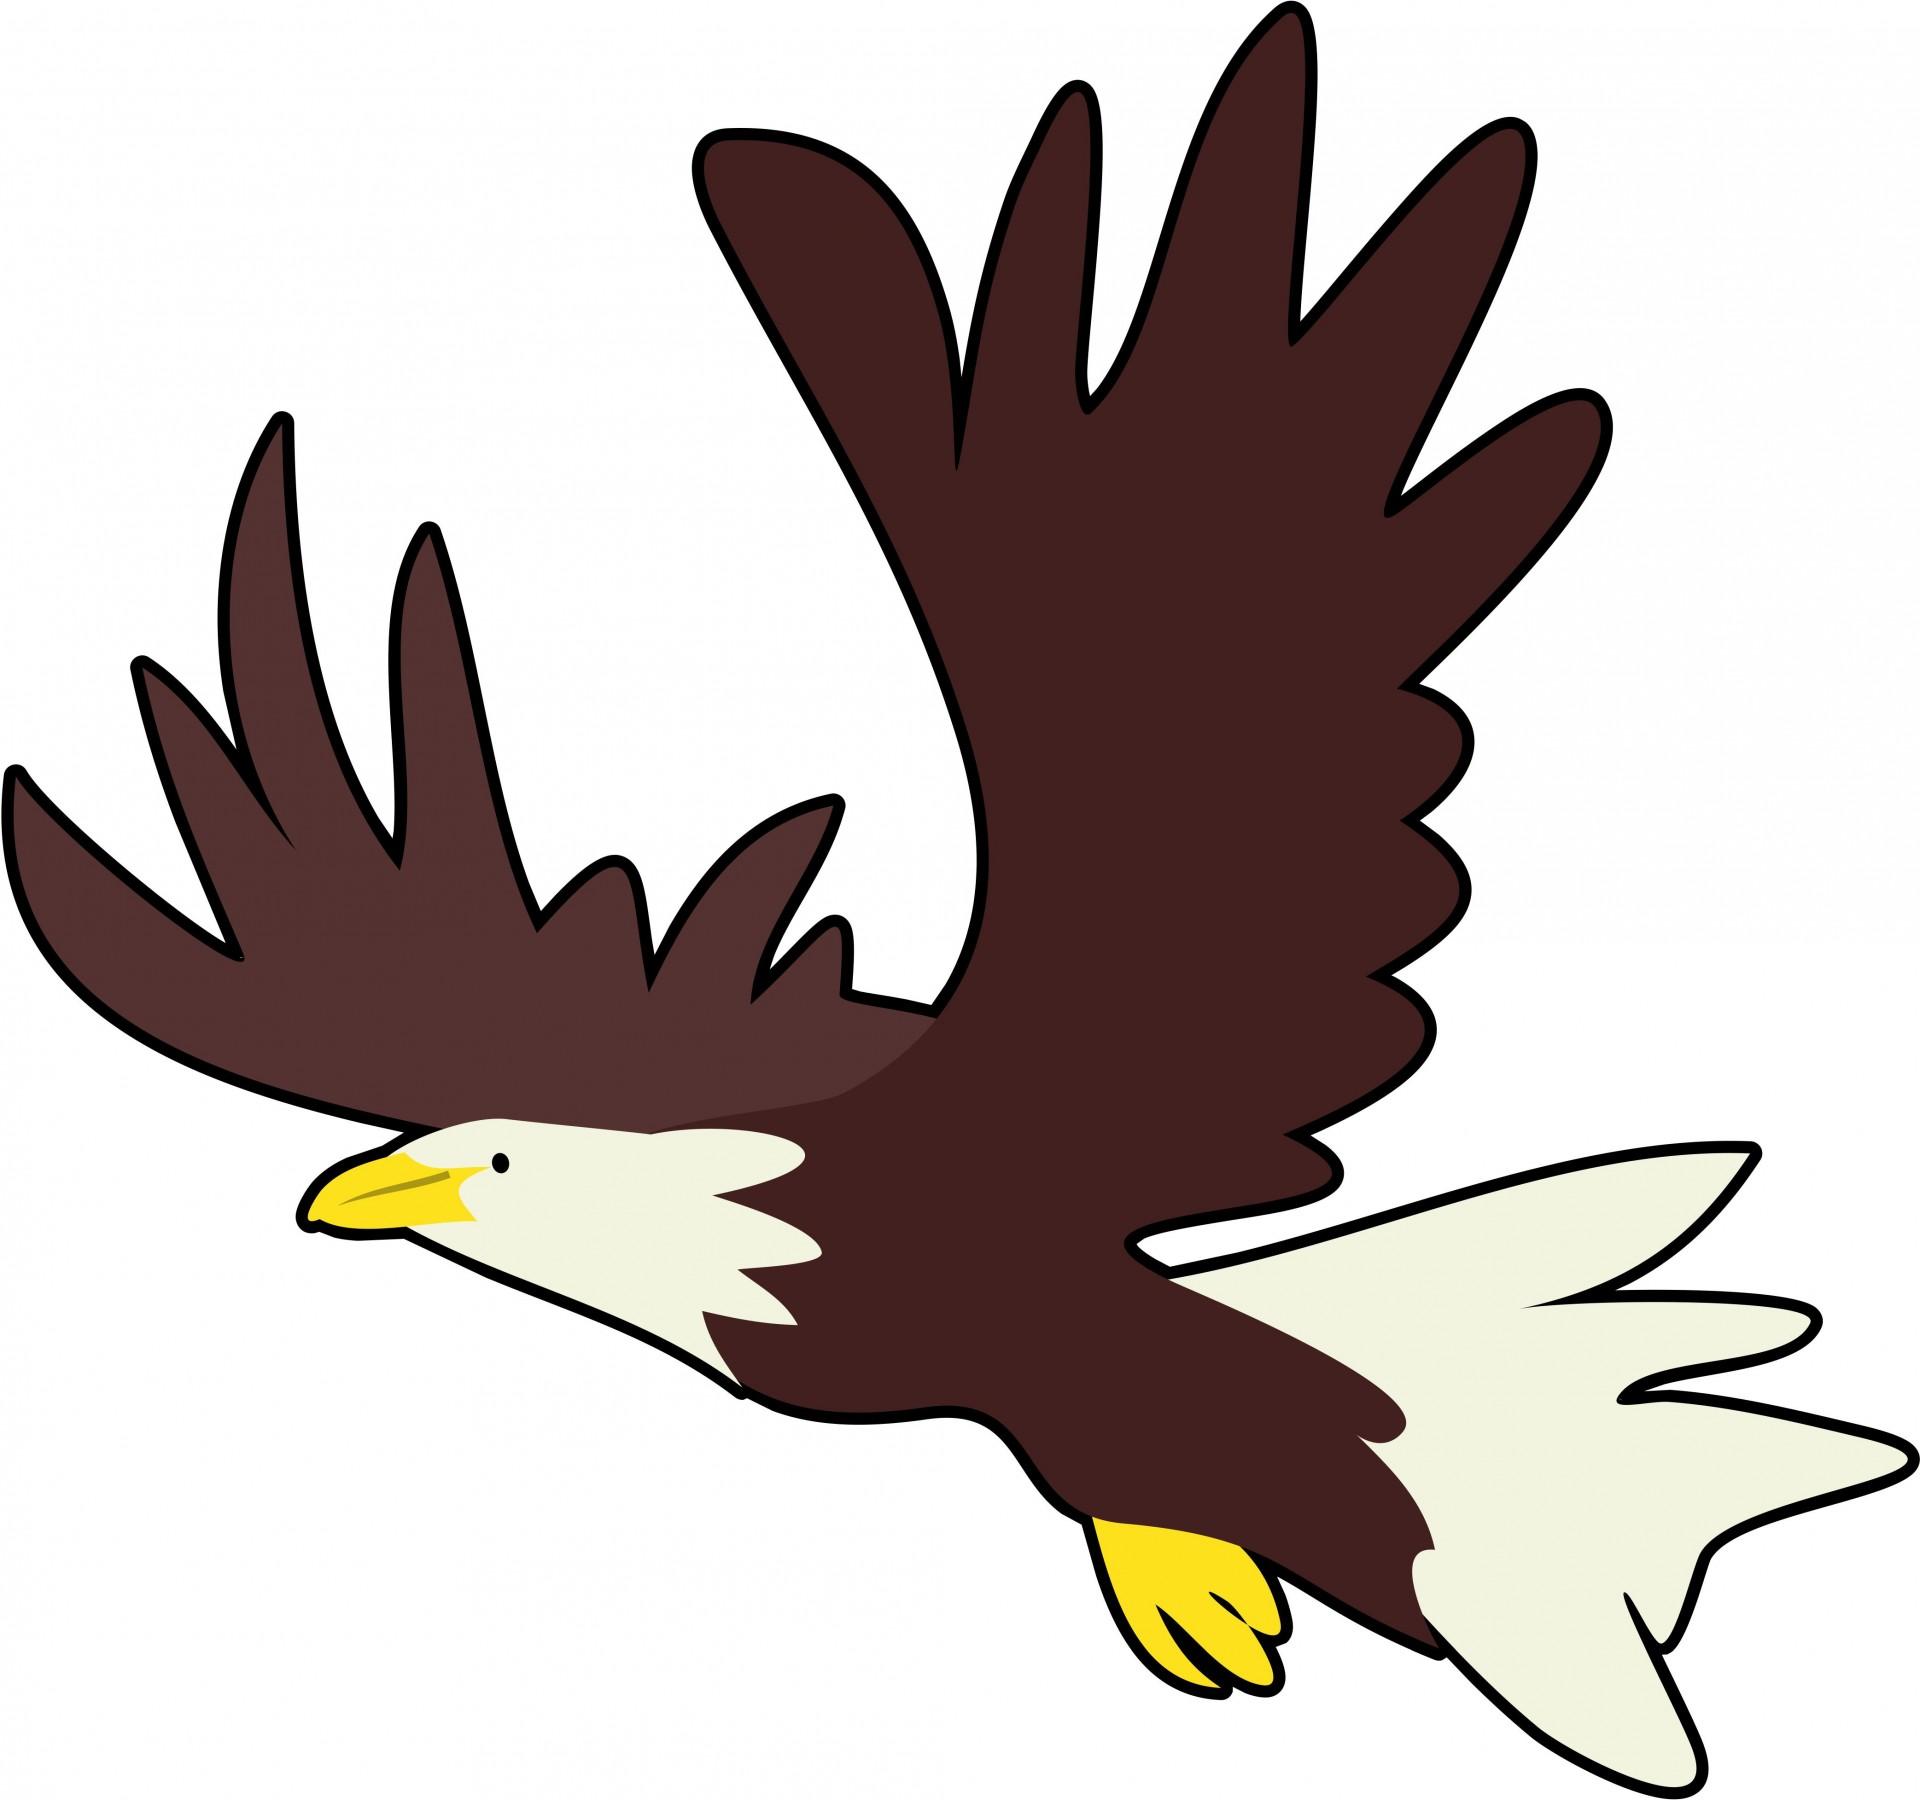 Eagle images free clipart image transparent Bald Eagle Clipart Free Stock Photo - Public Domain Pictures image transparent